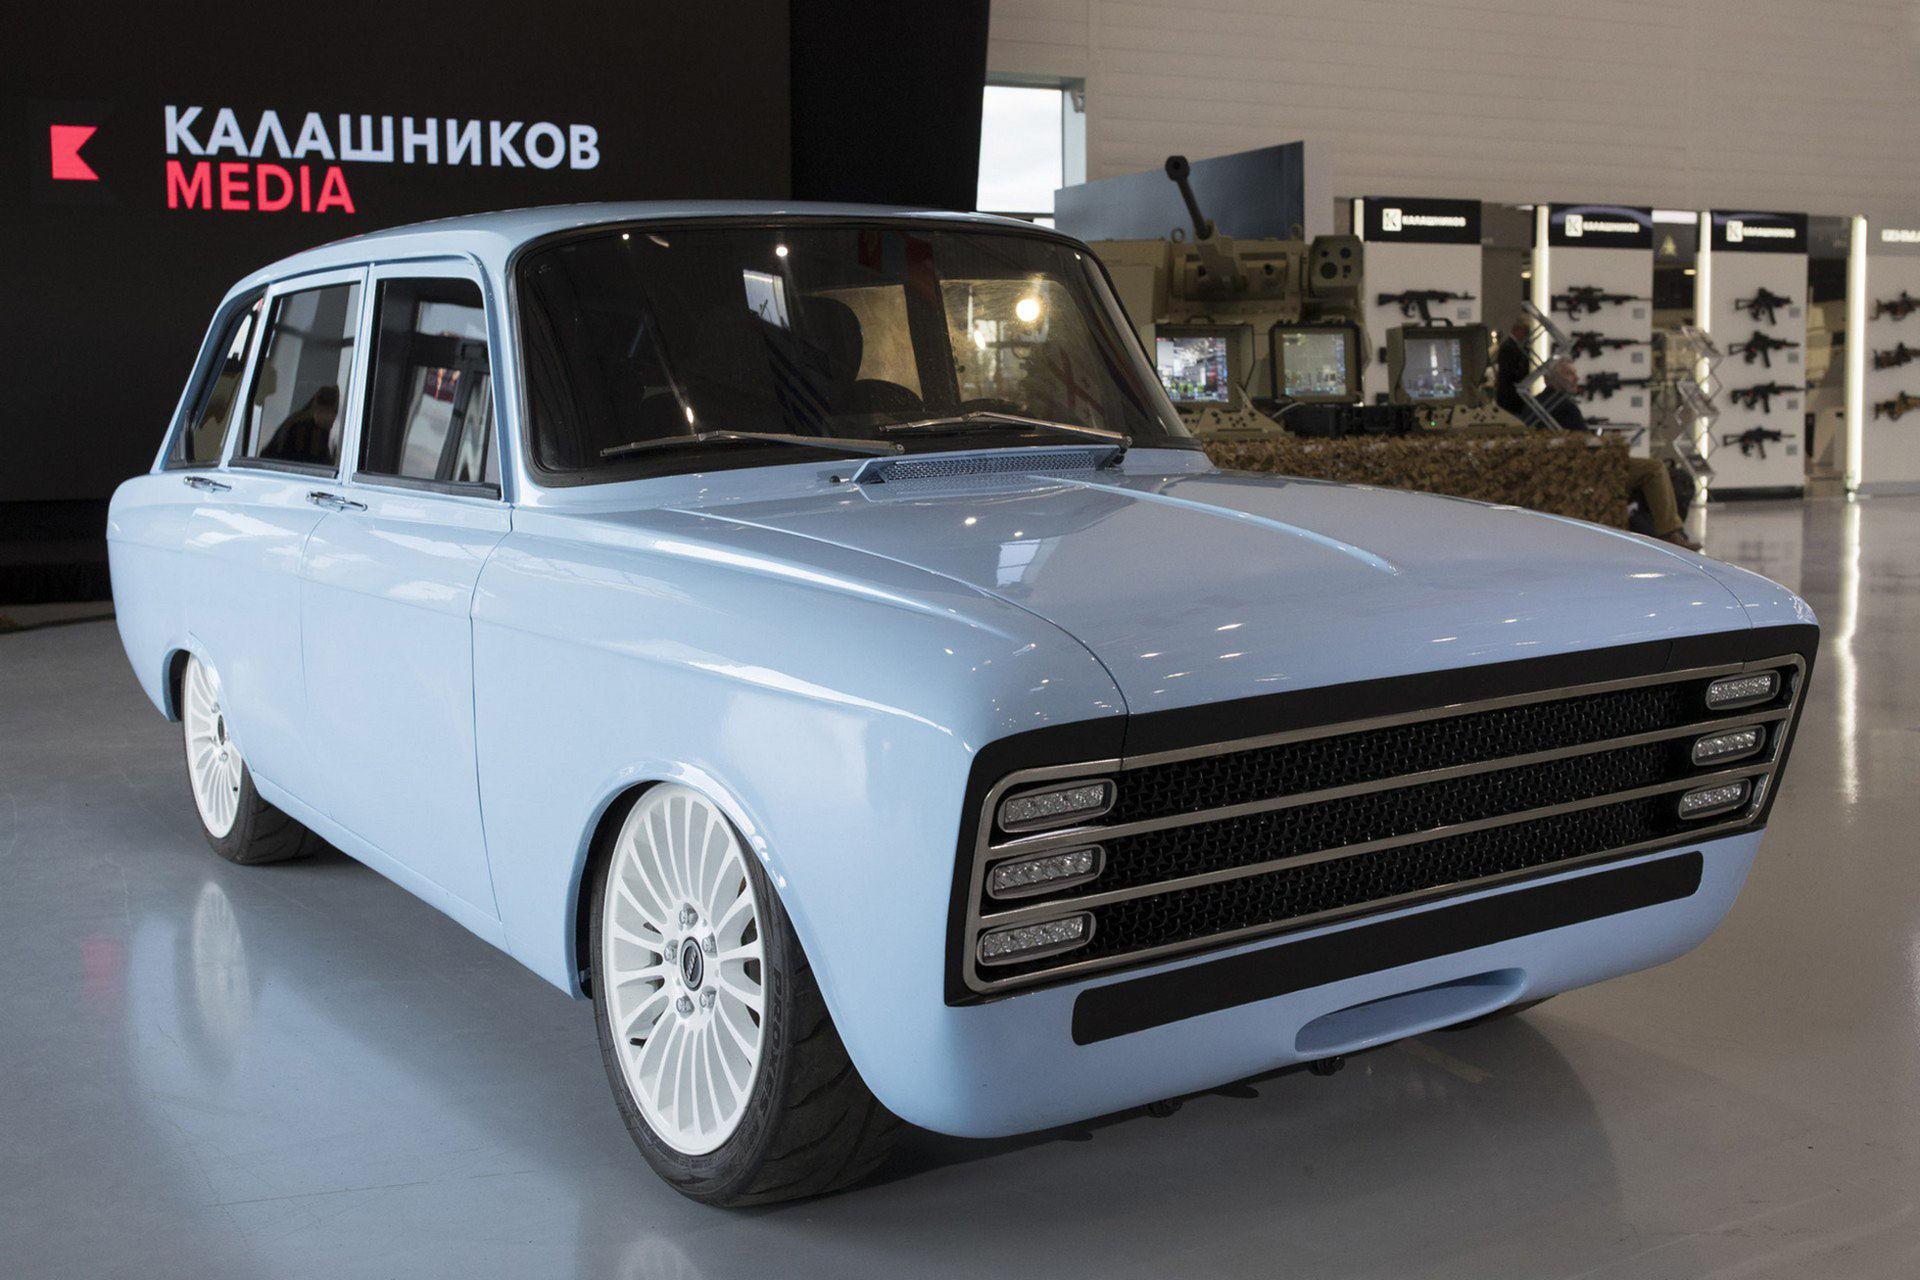 Kalashnikov har tagit fram en elbil